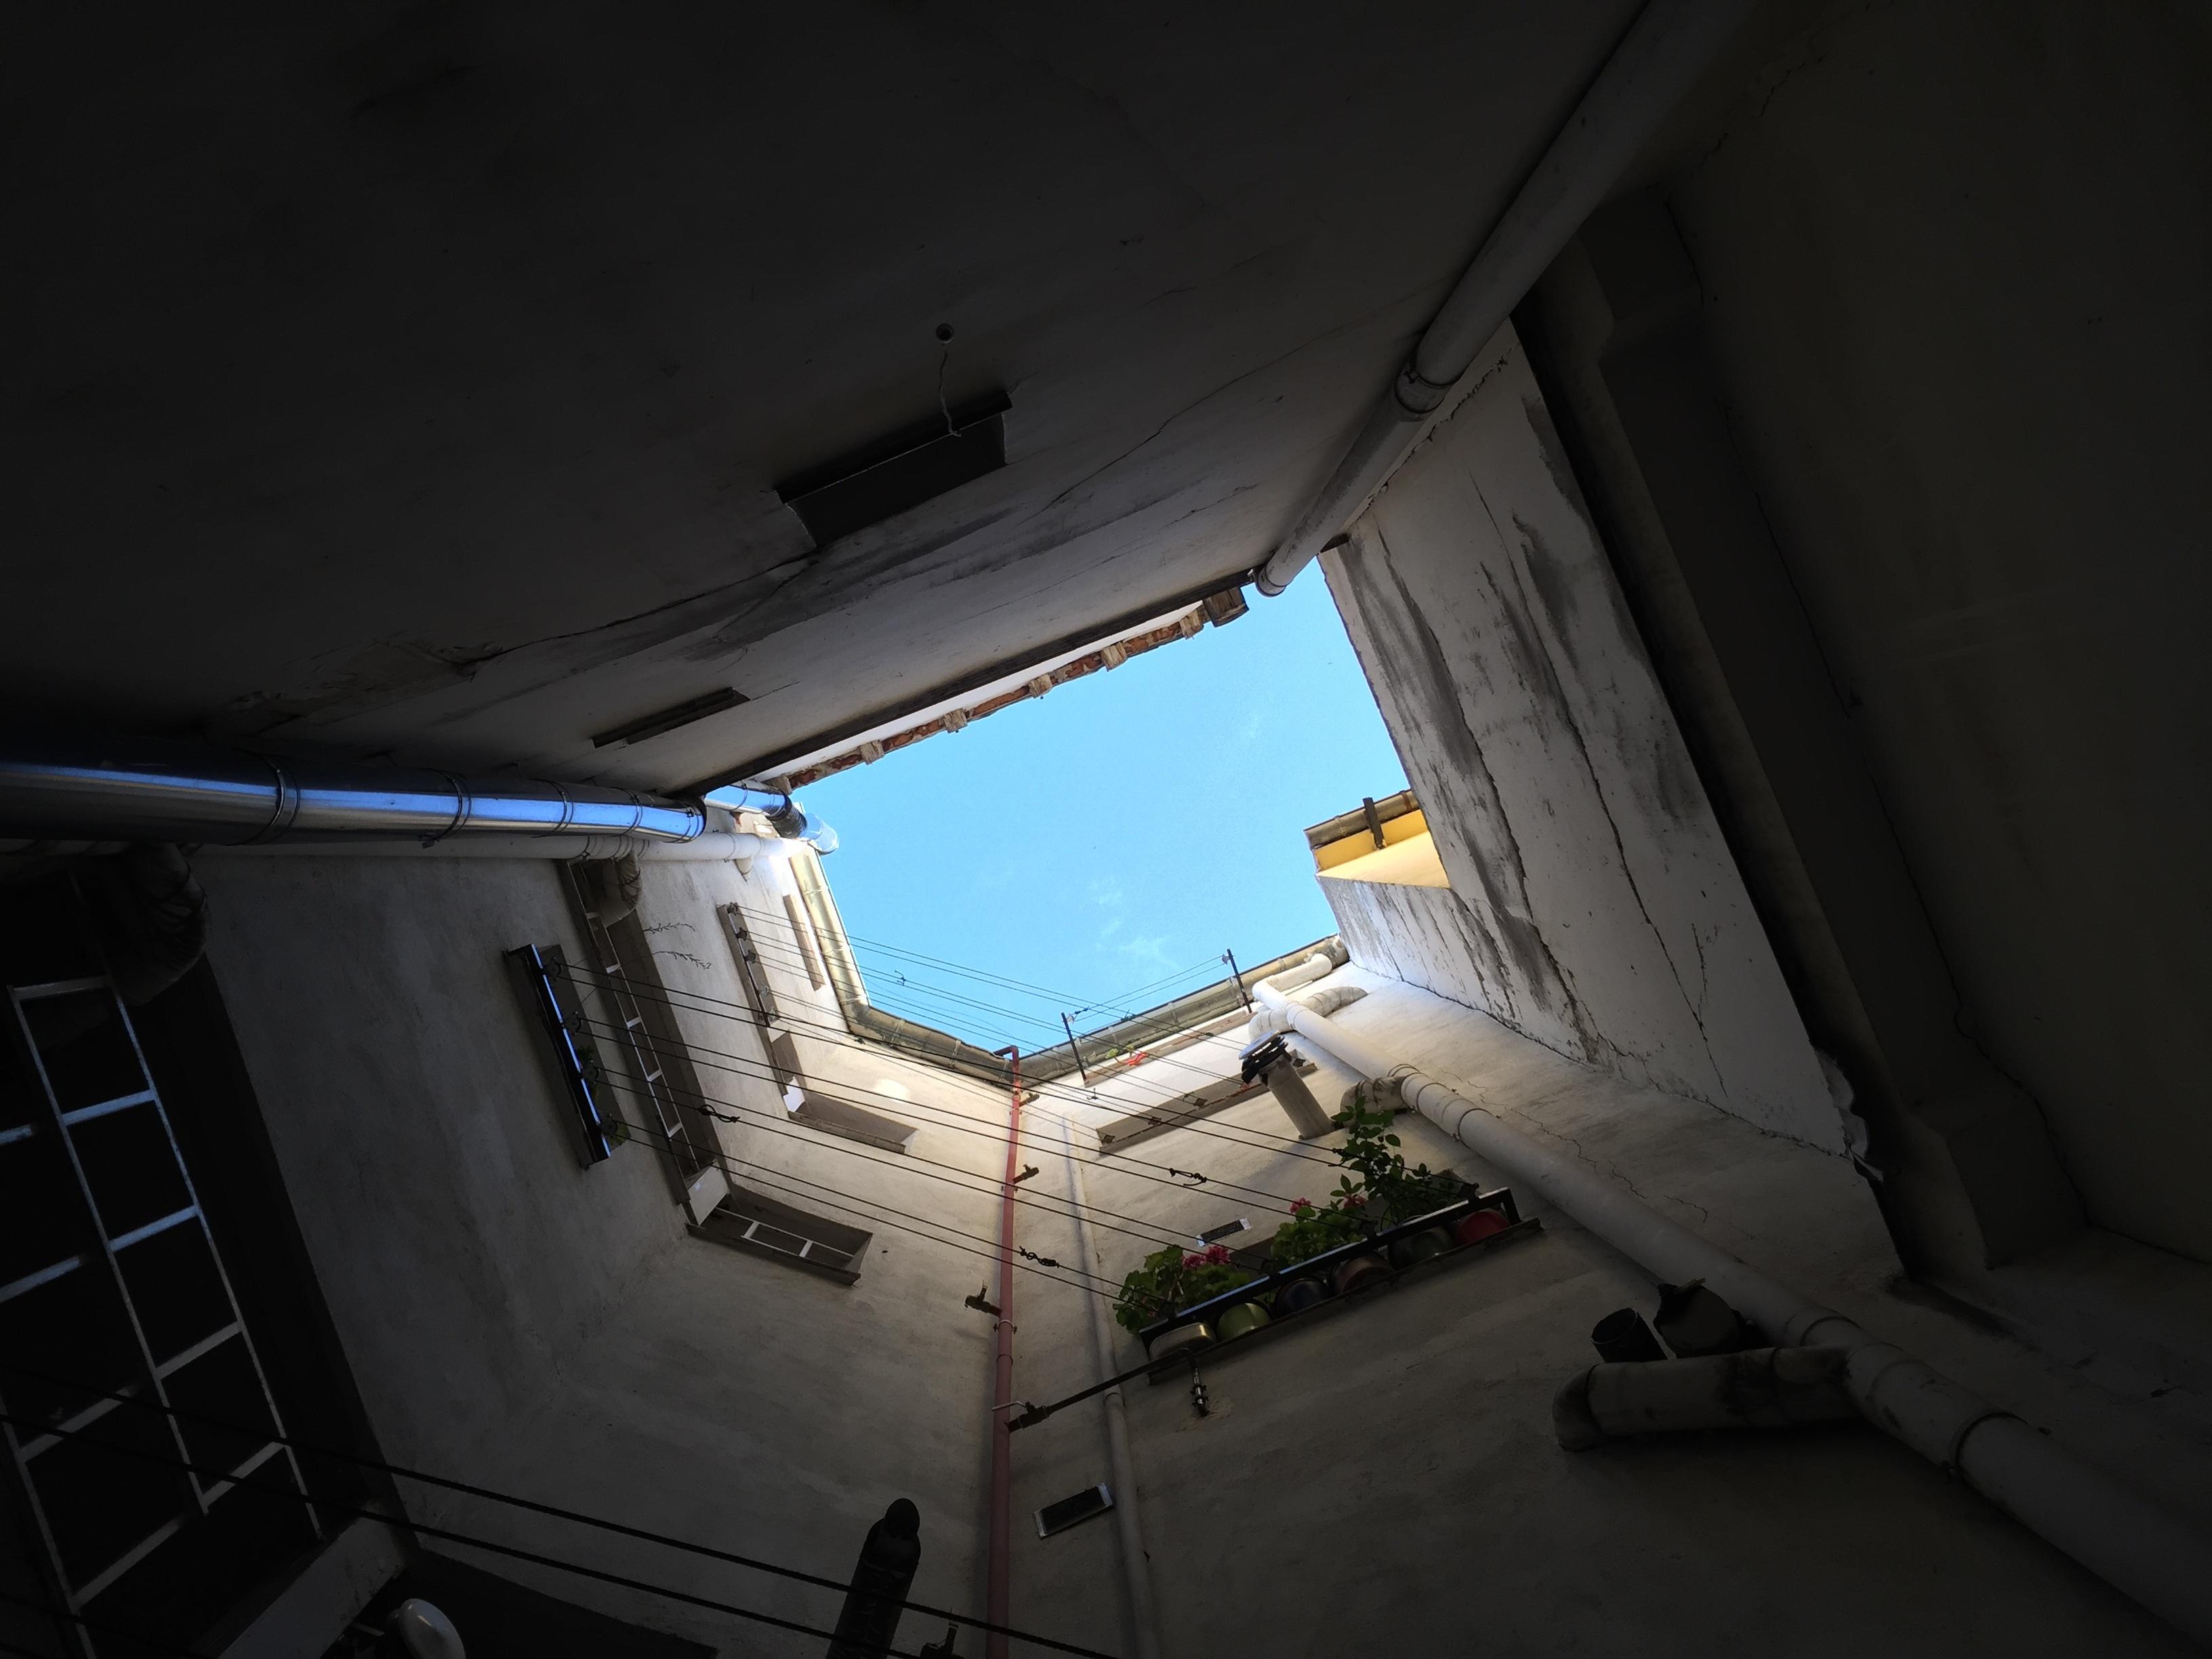 光 建築 構造 空 家 建物 天井 影 闇 ルーム 点灯 インテリア・デザイン 形状 スポーツ